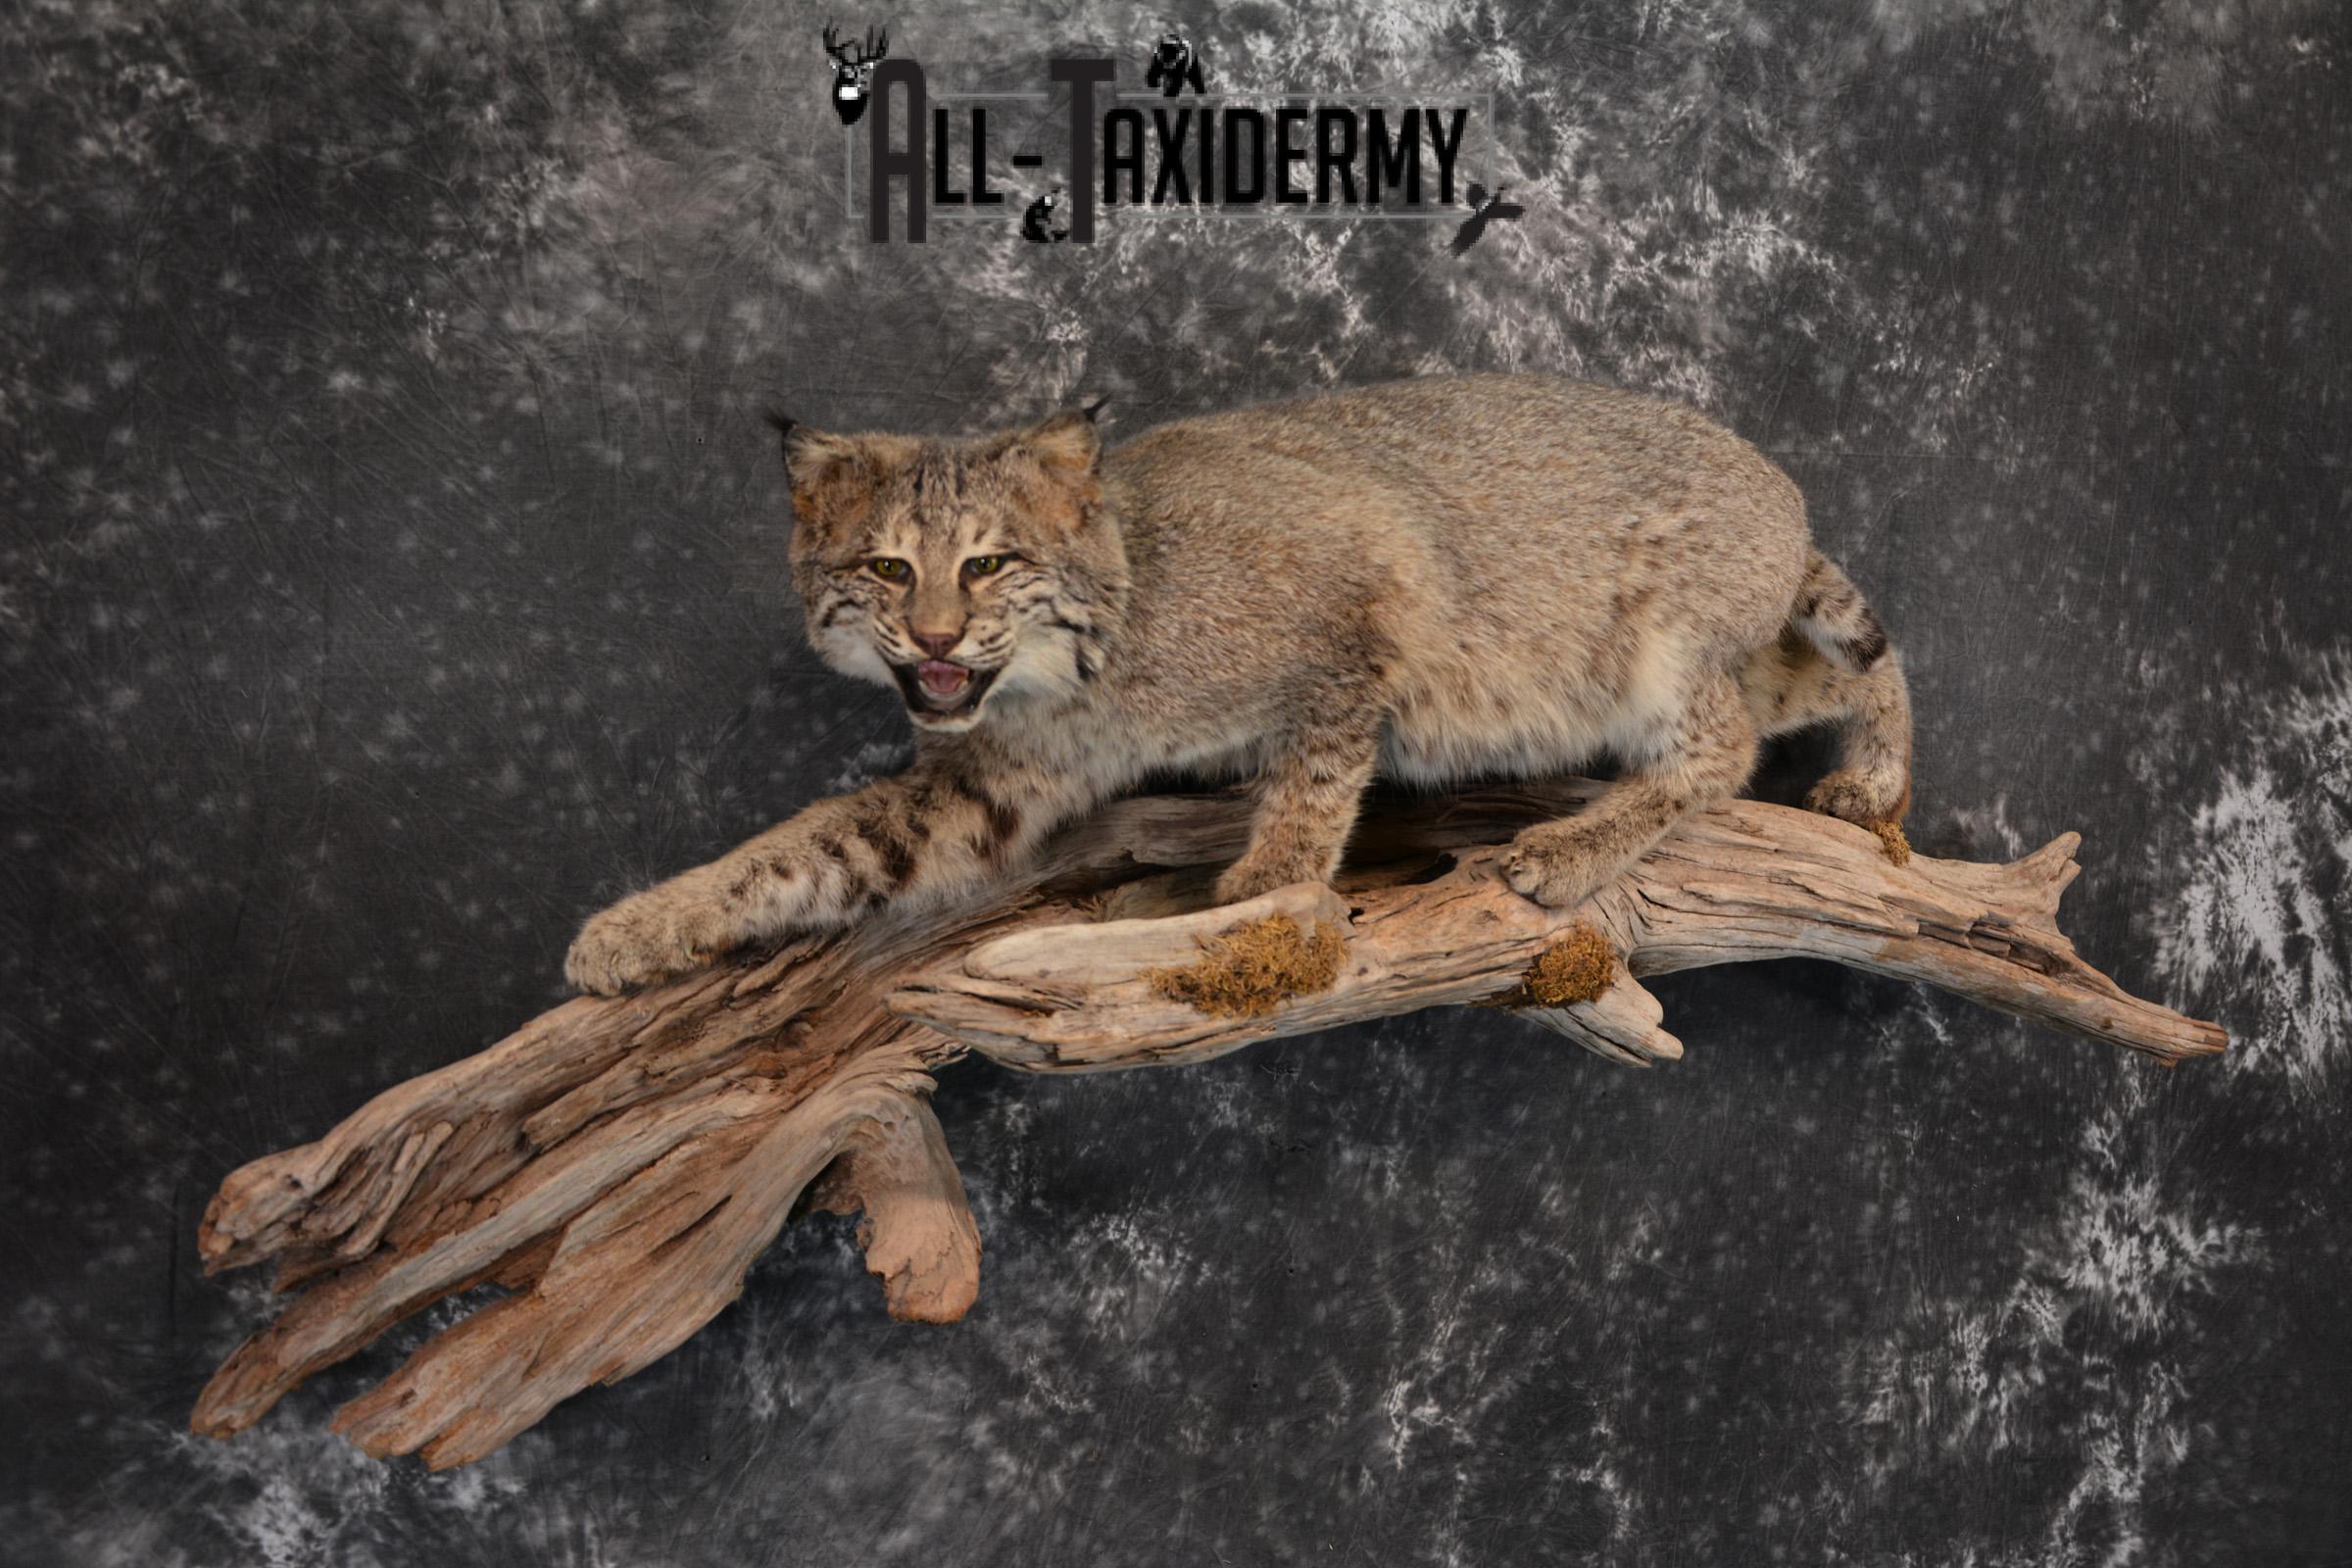 Bobcat Taxidermy life size mount SKU 1413